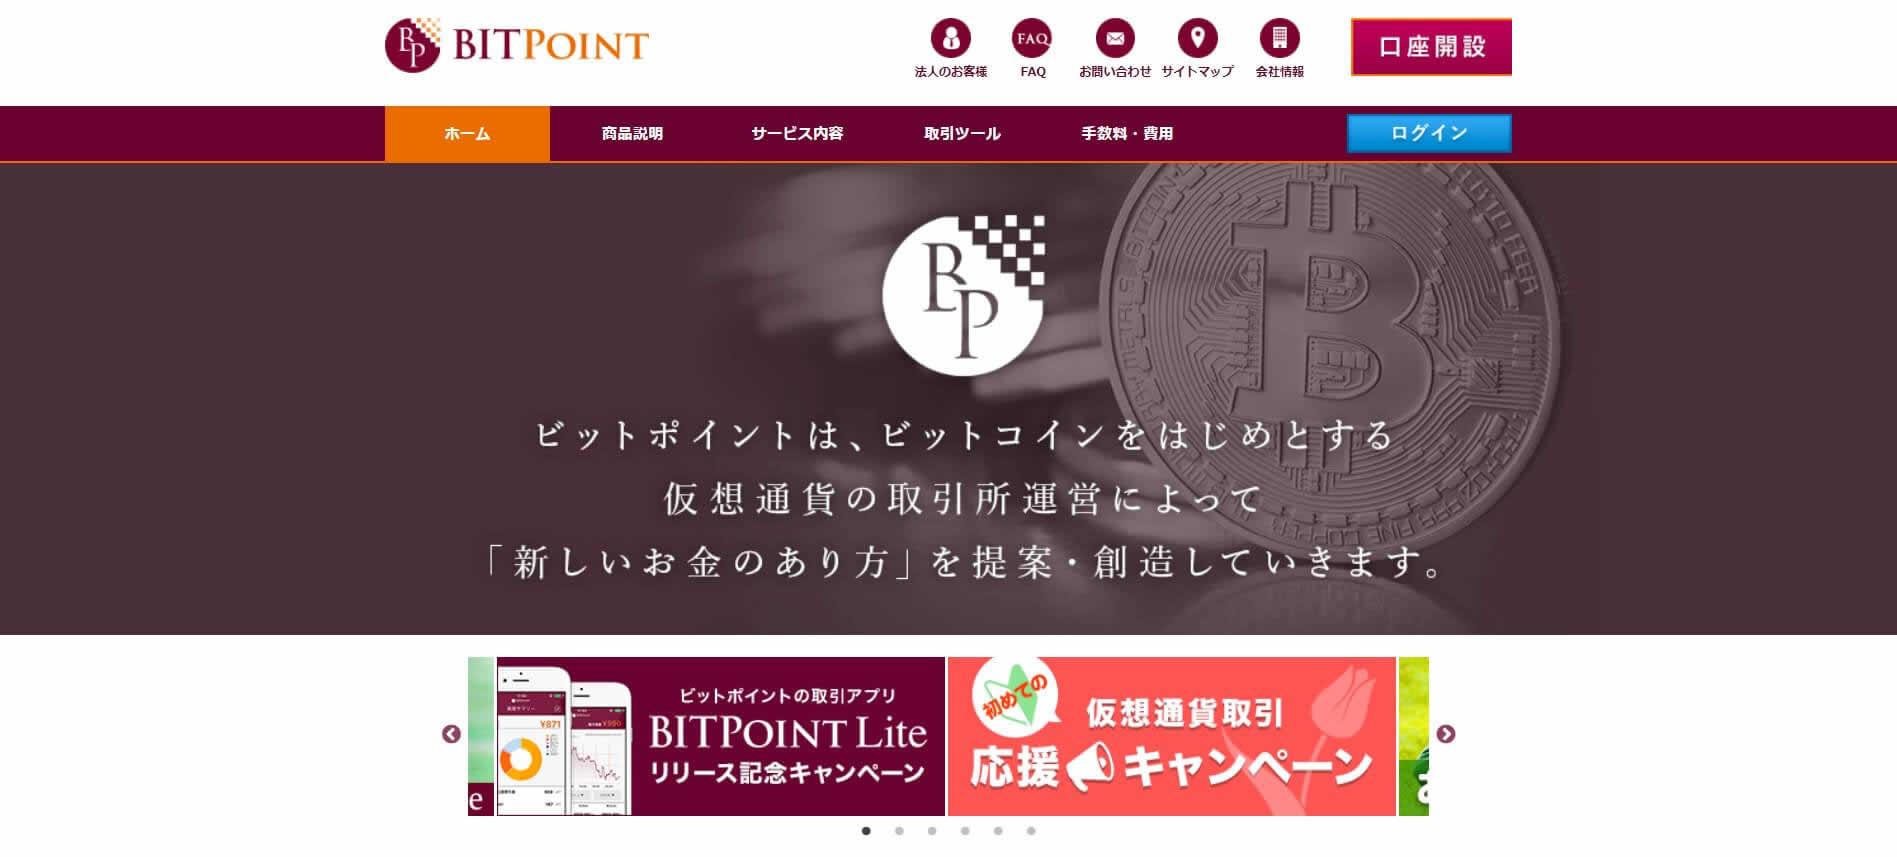 仮想通貨取引所BITPointが仮想通貨取引セミナーを開催